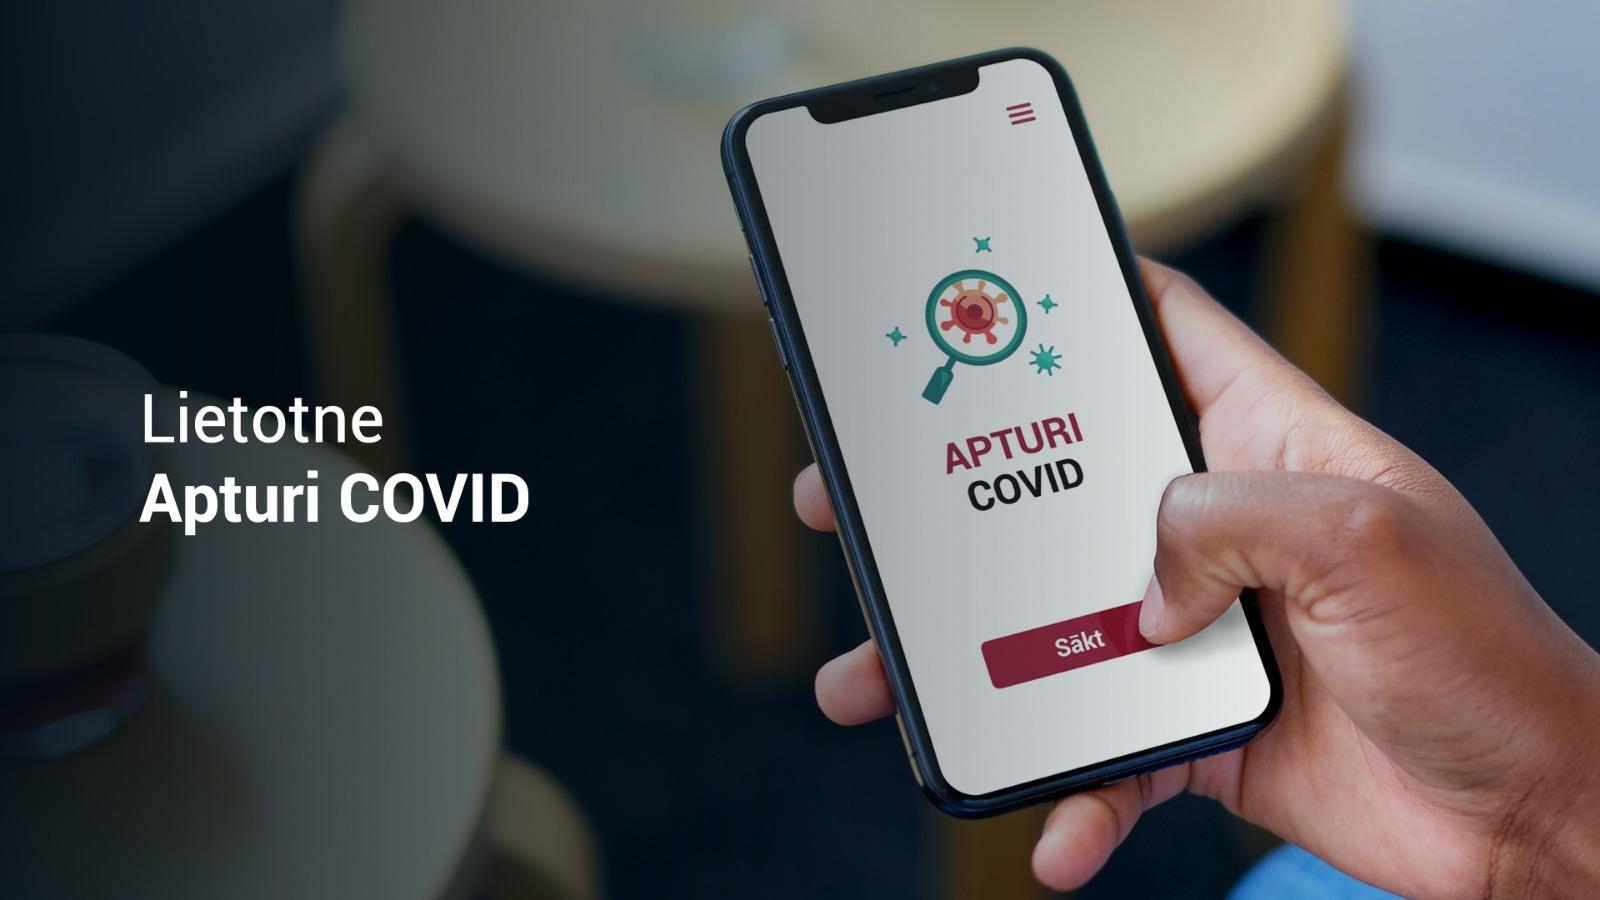 Latvijā radīs lietotni, lai palīdzēt ierobežot vīrusa izplatību valstī